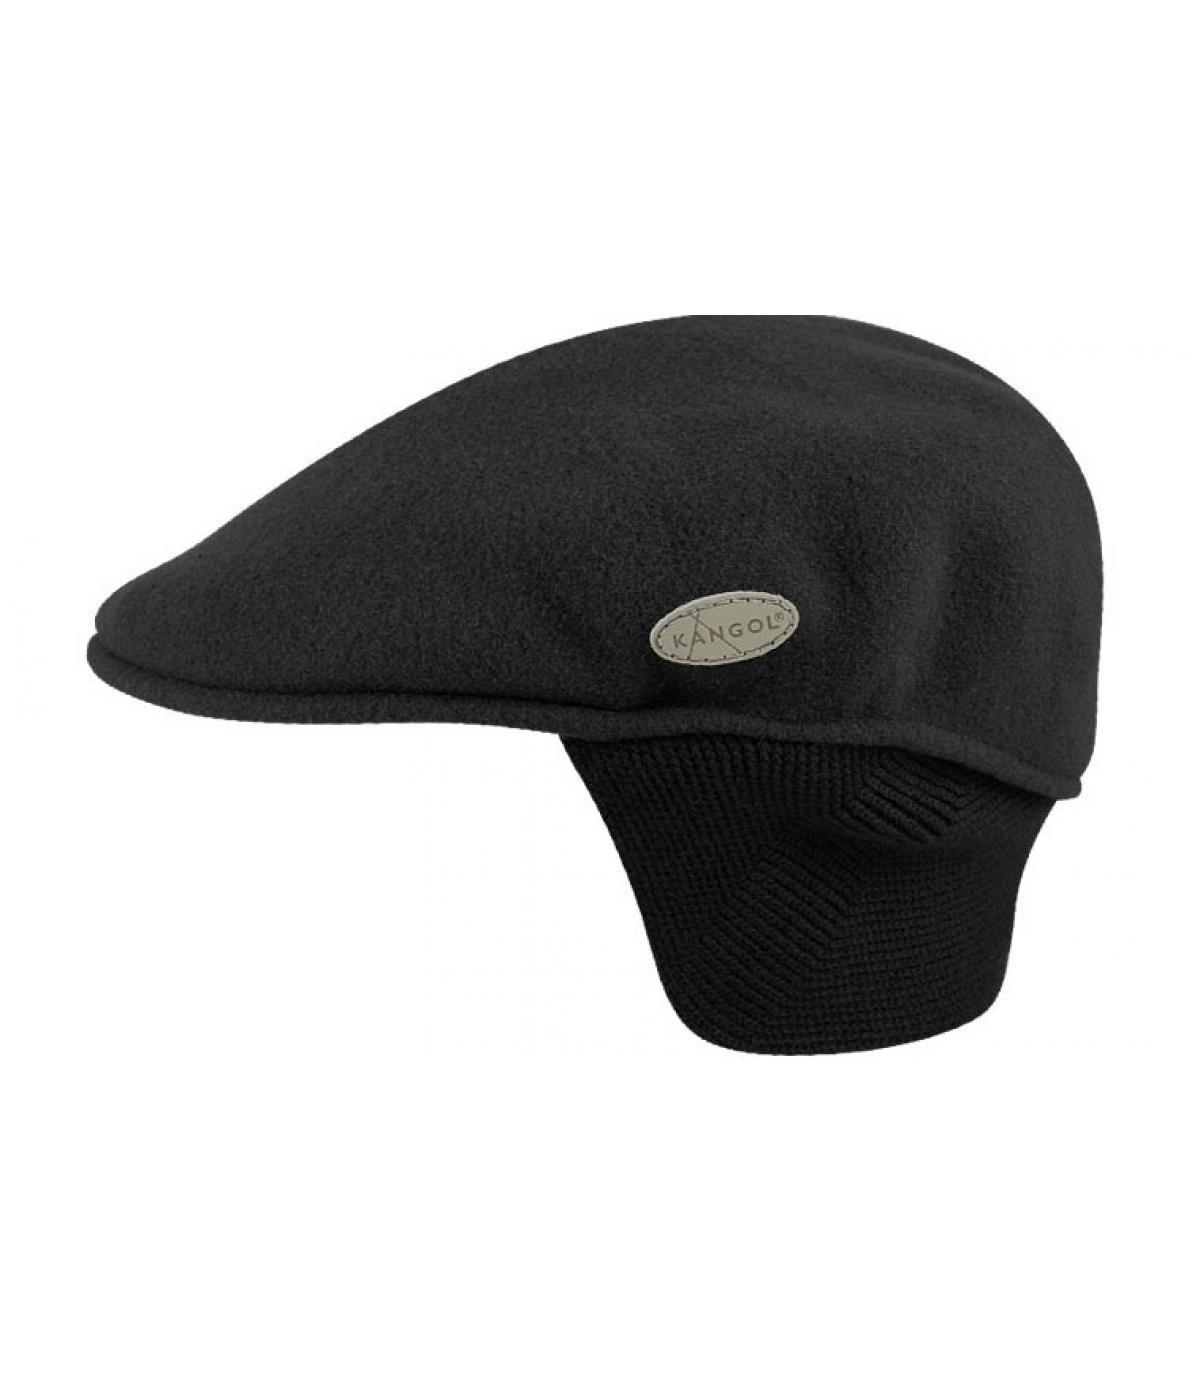 Détails 504 wool earflap black - image 3